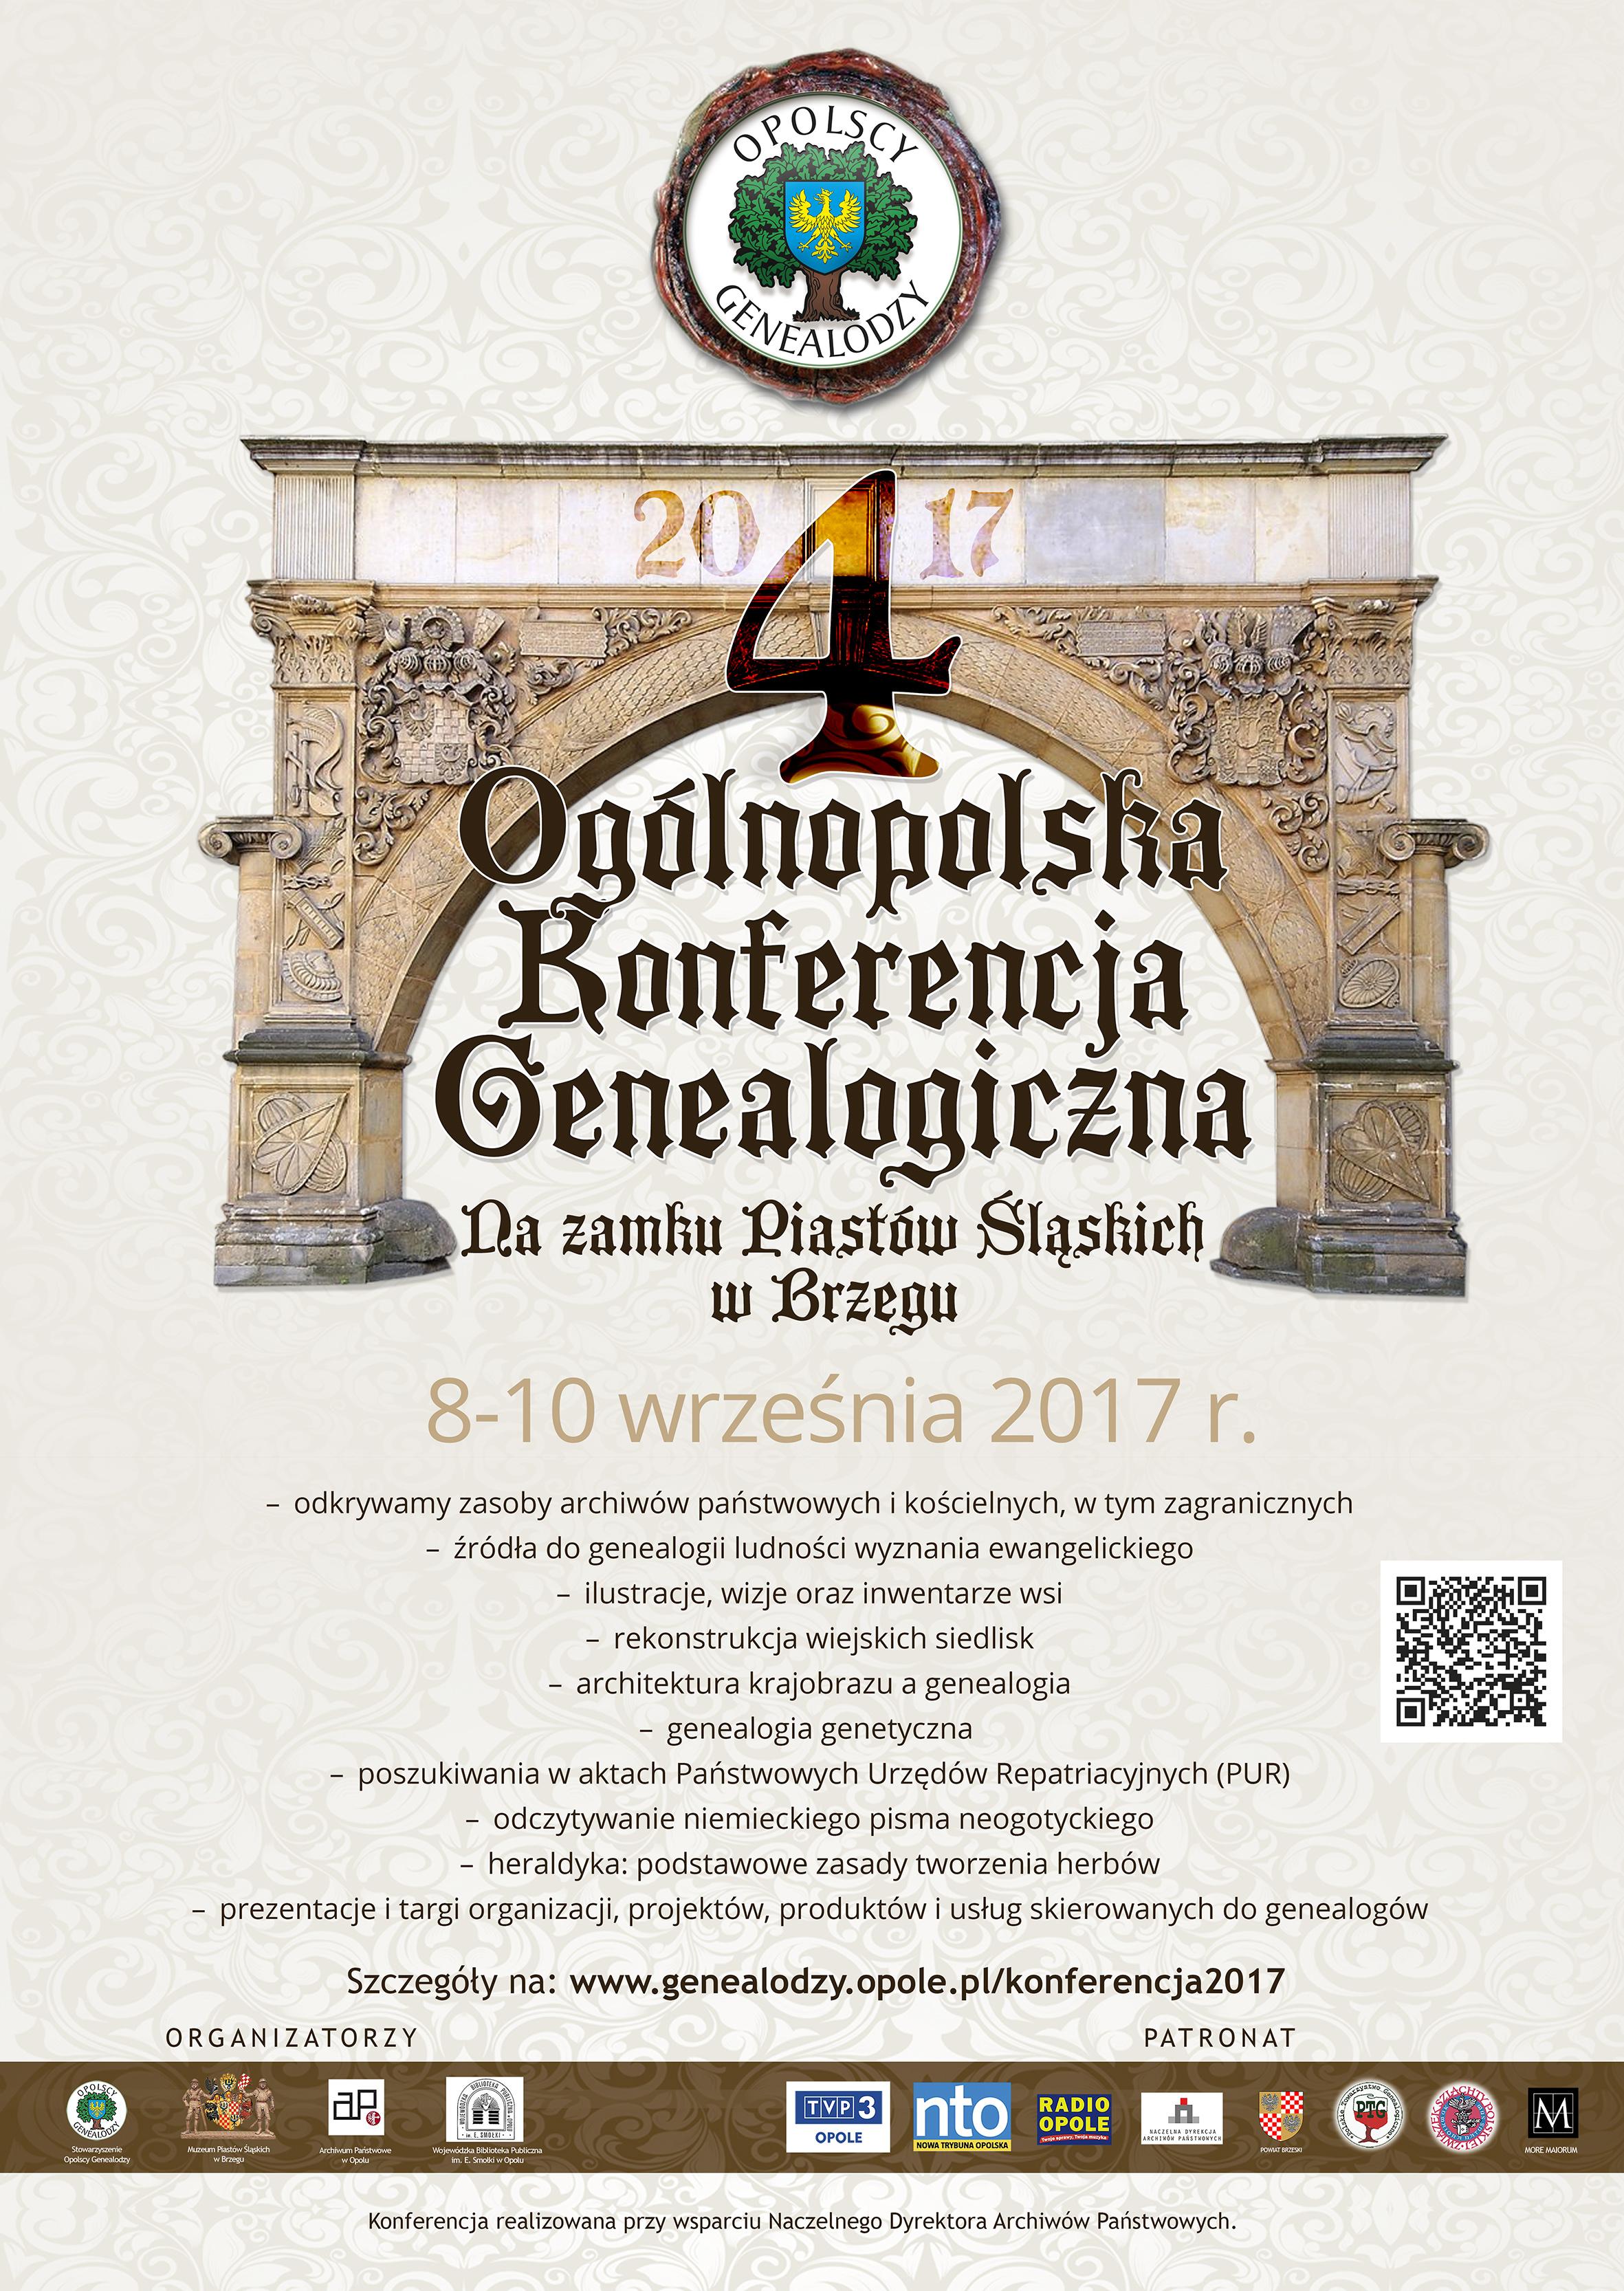 Spotkanie genealogów w Brzegu już ten w weekend (08-10.09)